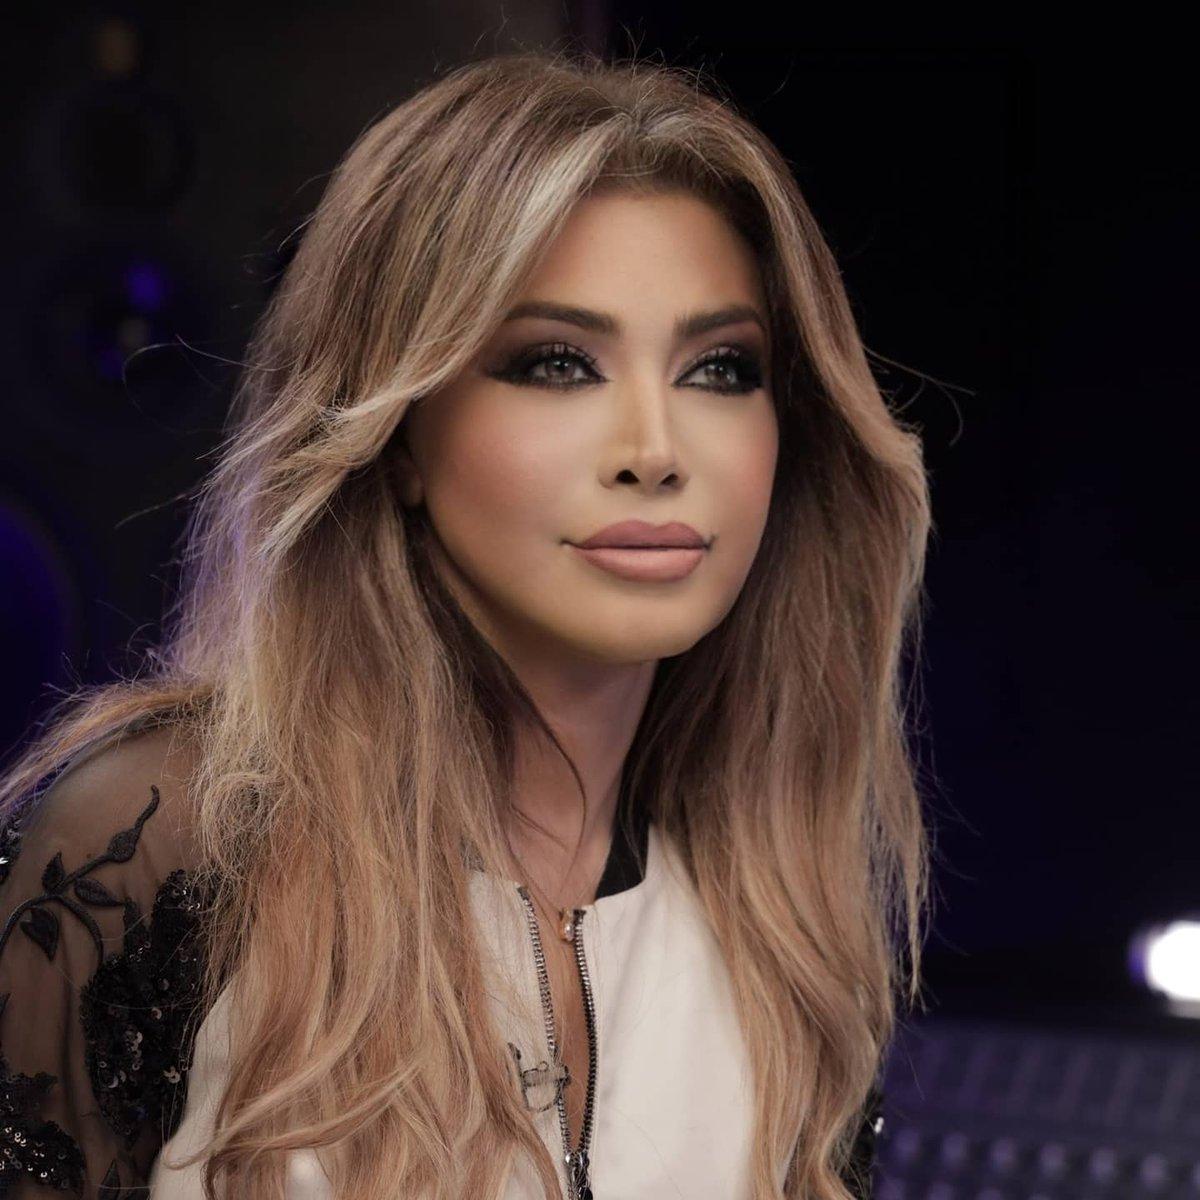 انتظرونا يوم الخميس الساعة 8pm وقت بيروت في #غني_مع_فايز الحلقة الأخيرة على قناة أبو ظبي @FayezOfficial @BassamAlTurk #nawalelzoghbi